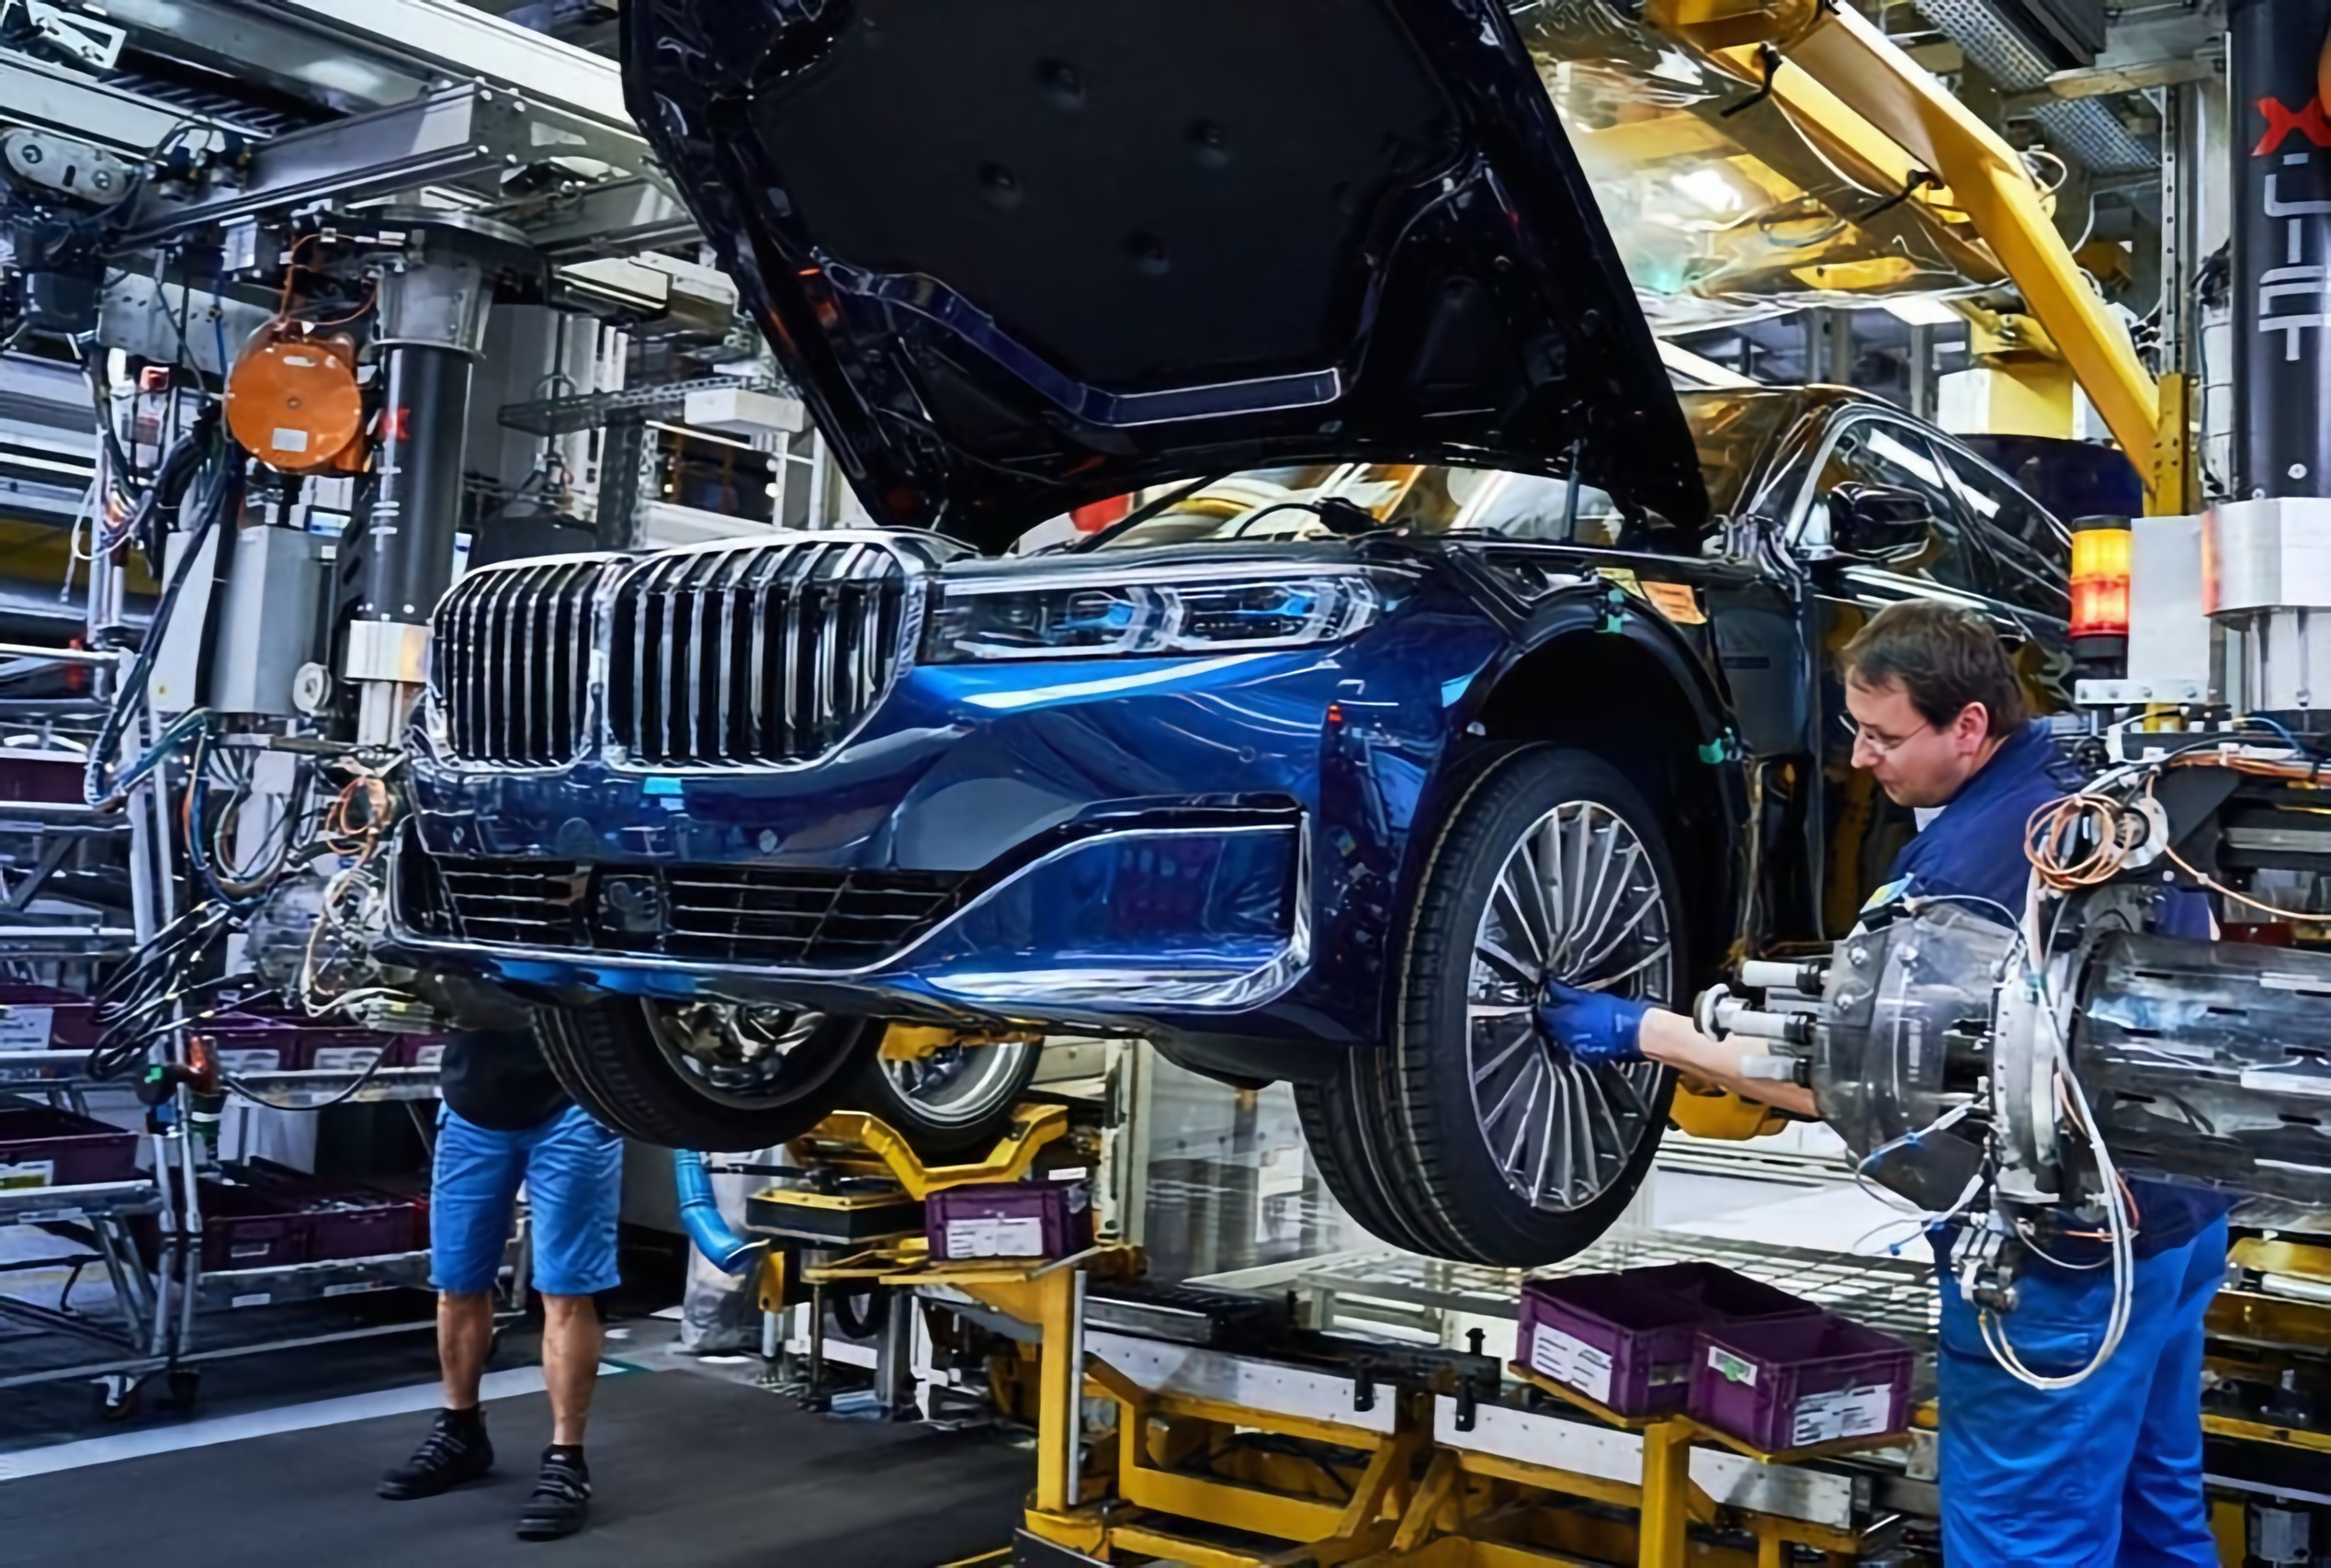 Впервые внедрил сборку автомобилей на конвейере и организовал массовое производство автомобилей купить т5 транспортер на авито в москве